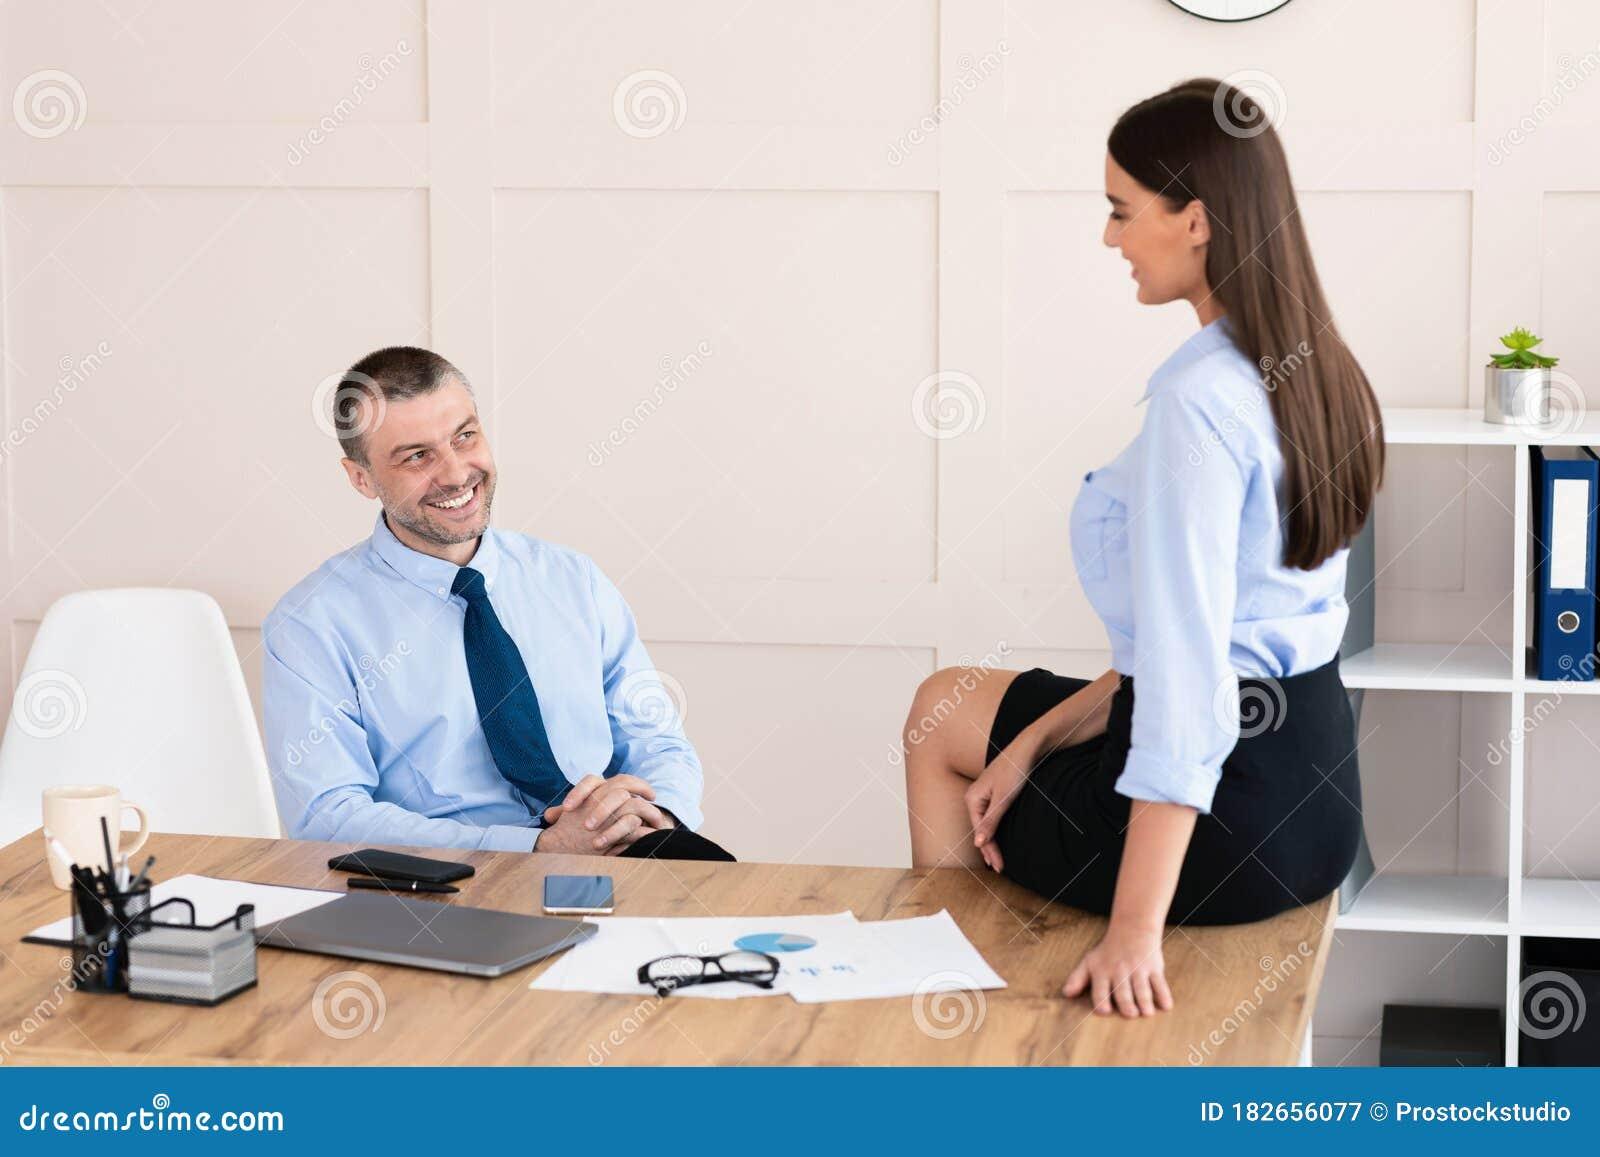 flirter avec une fille au travail